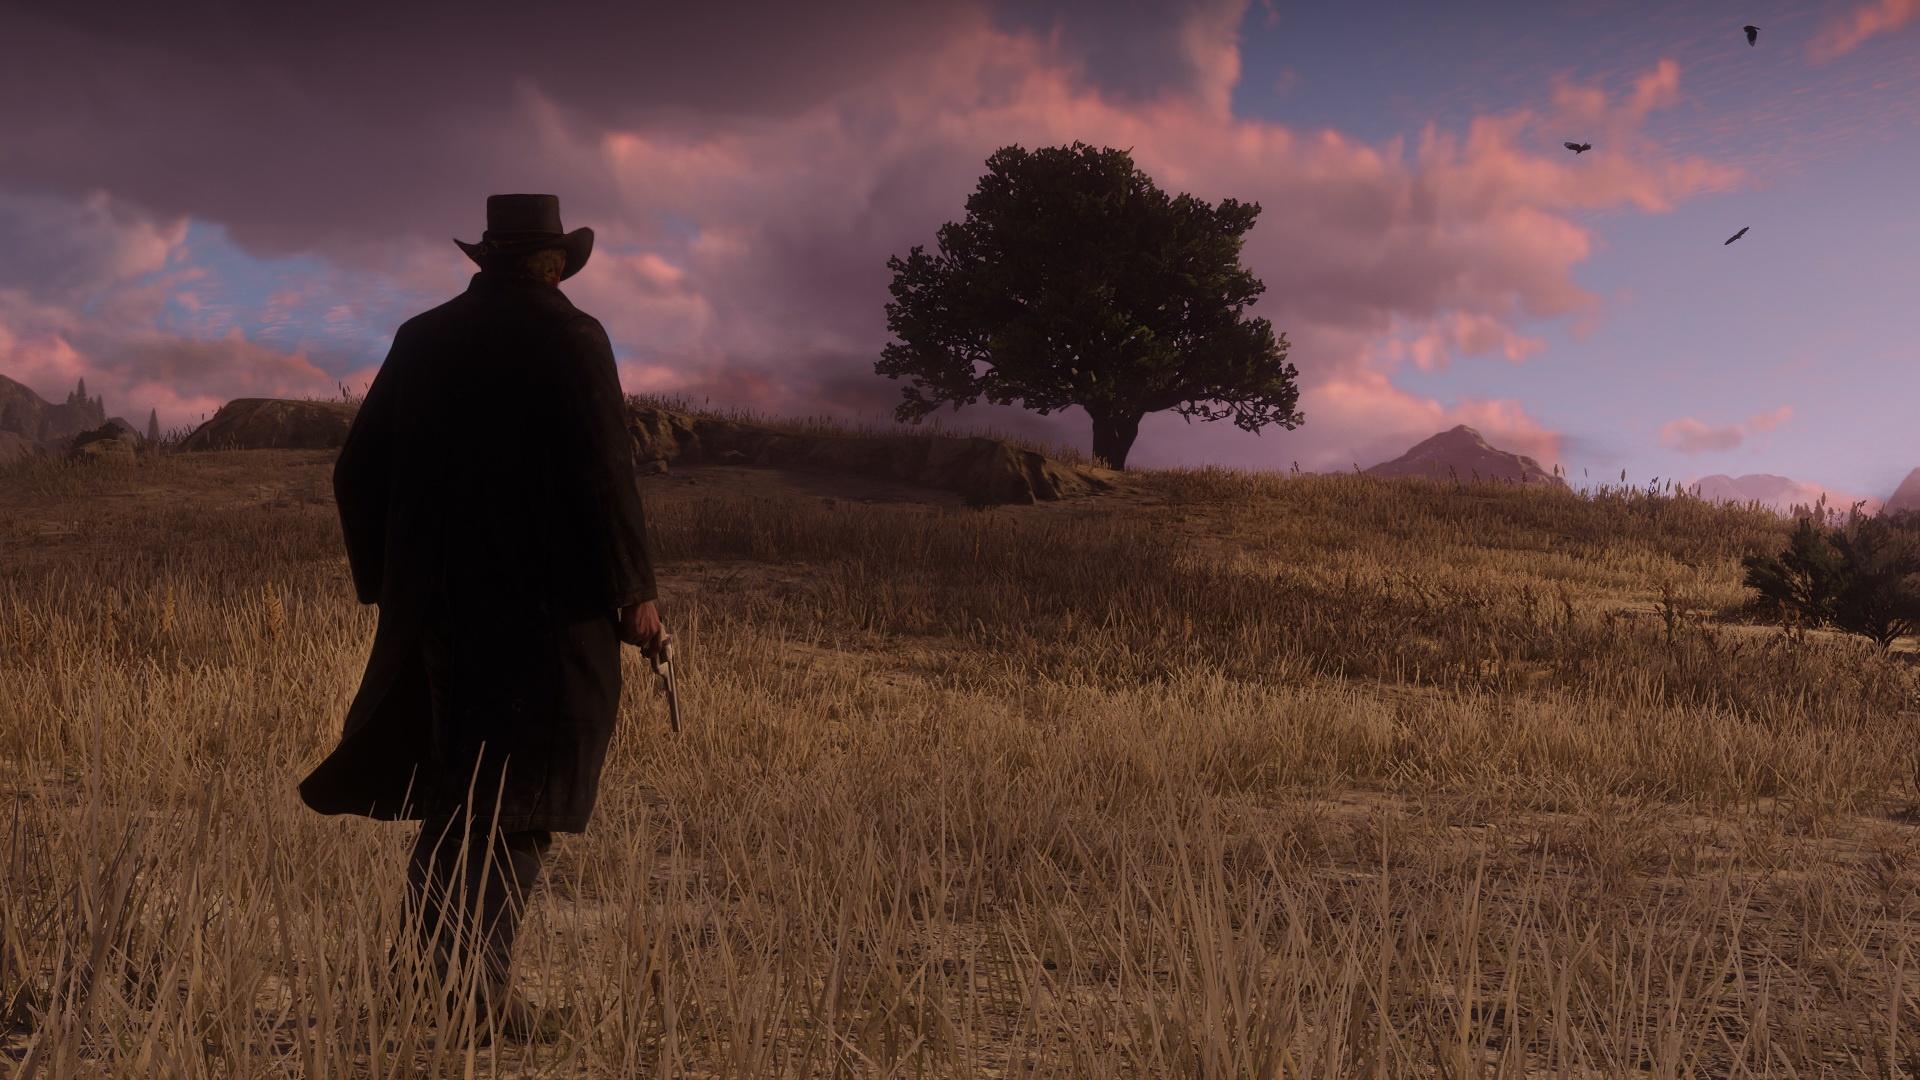 Red Dead Redemption 2: novas e belíssimas imagens destacam visual do jogo 11